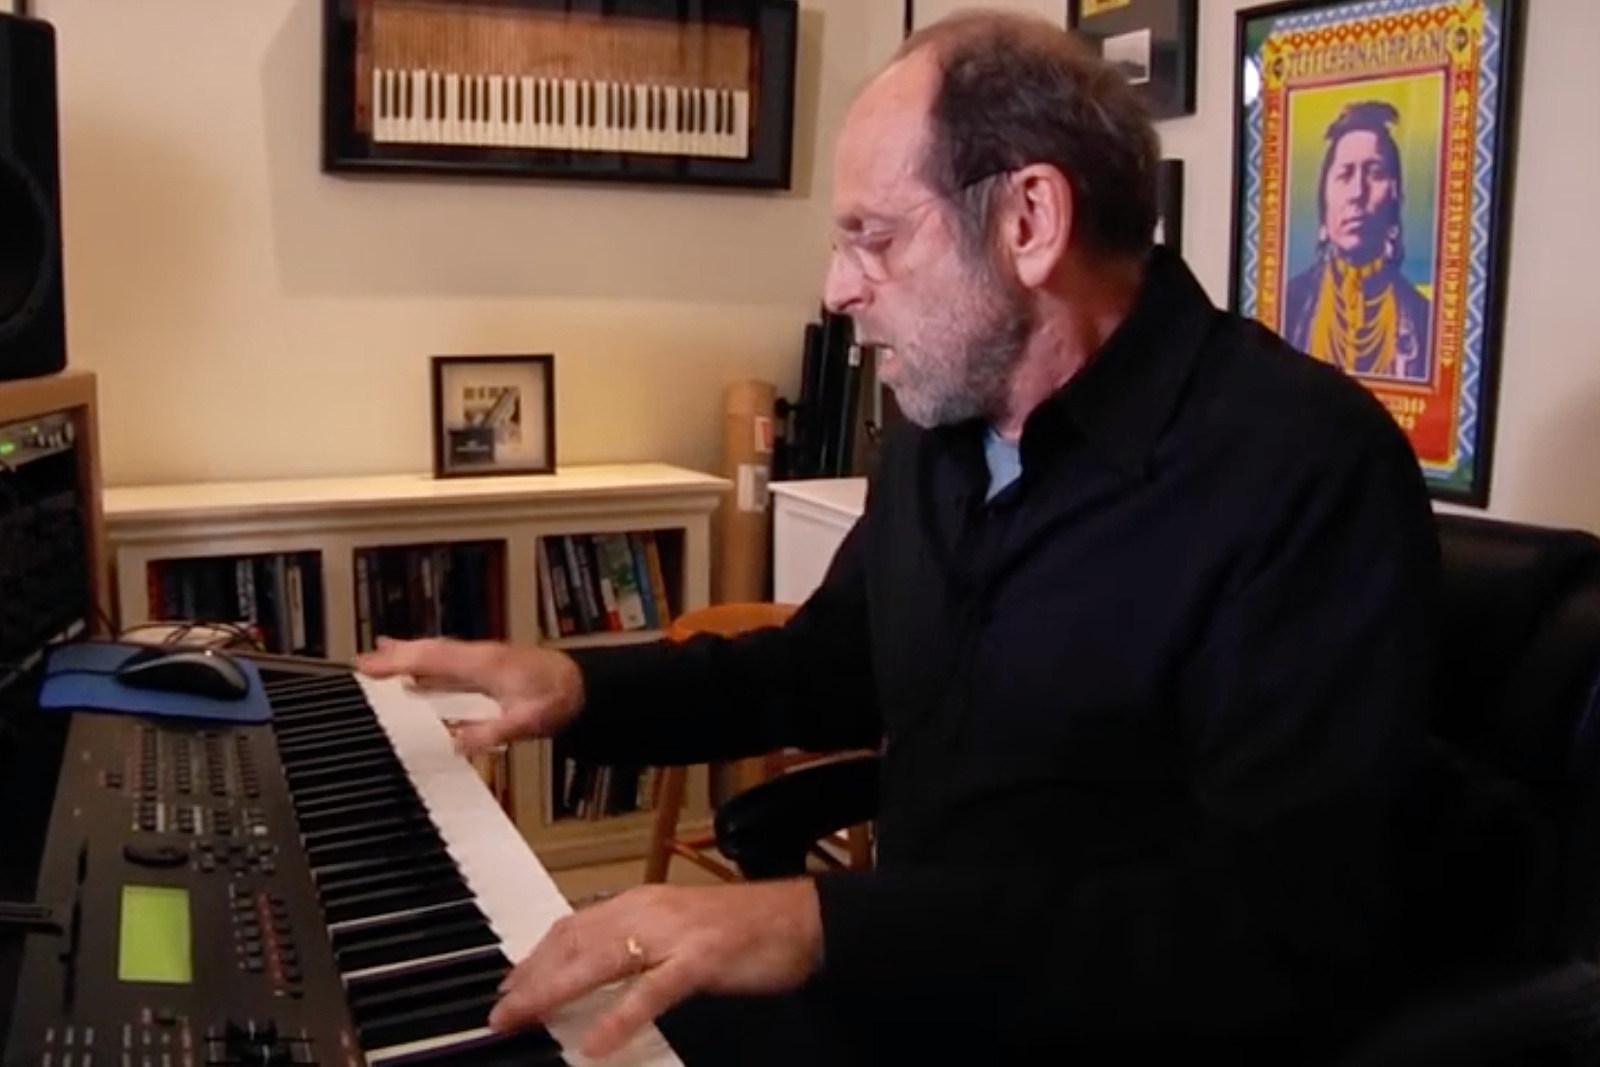 Ralph Schuckett, Former Utopia Keyboardist, Dies at 73